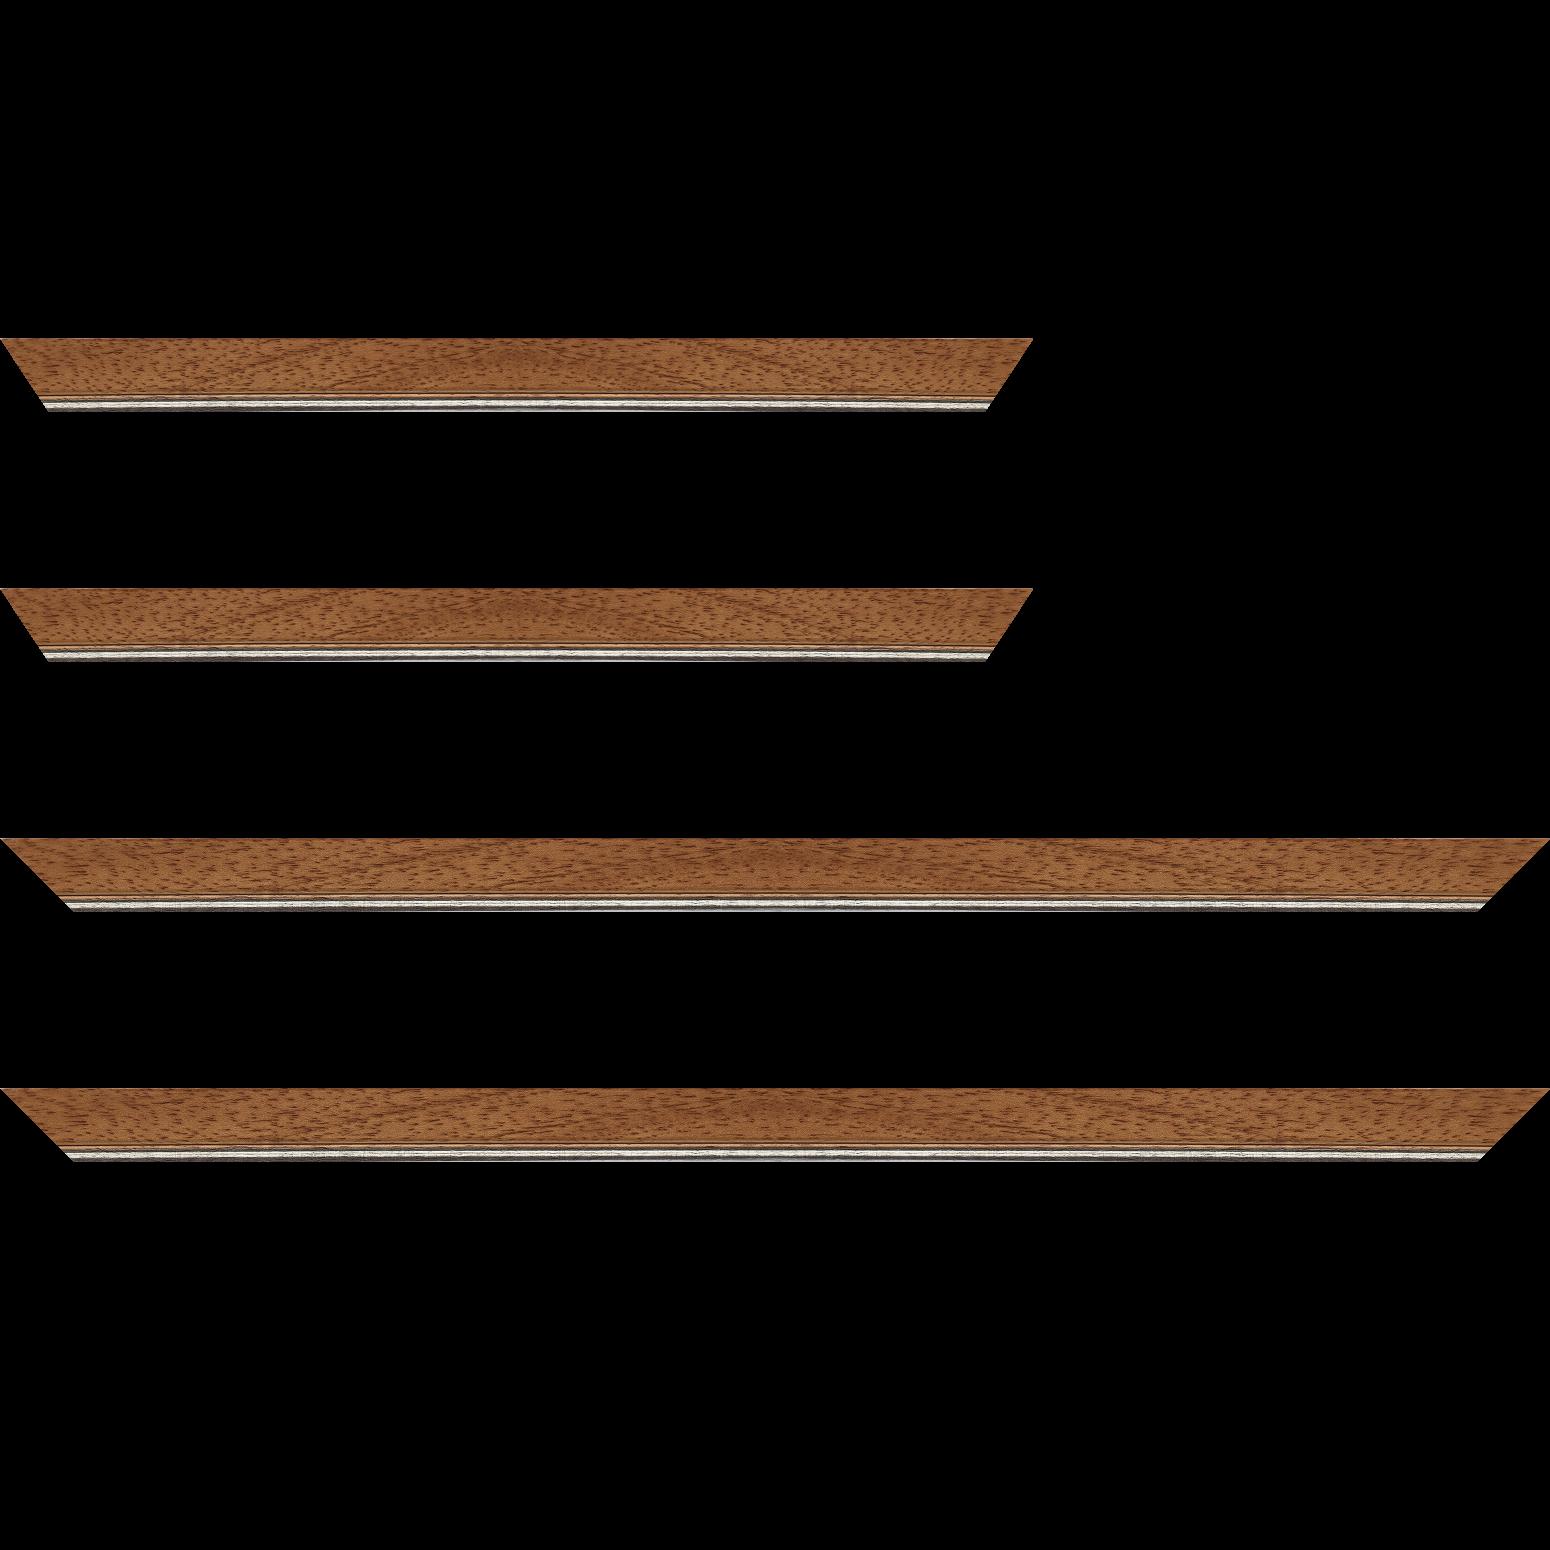 Baguette service précoupé Bois profil plat largeur 2.5cm couleur marron ton bois filet argent